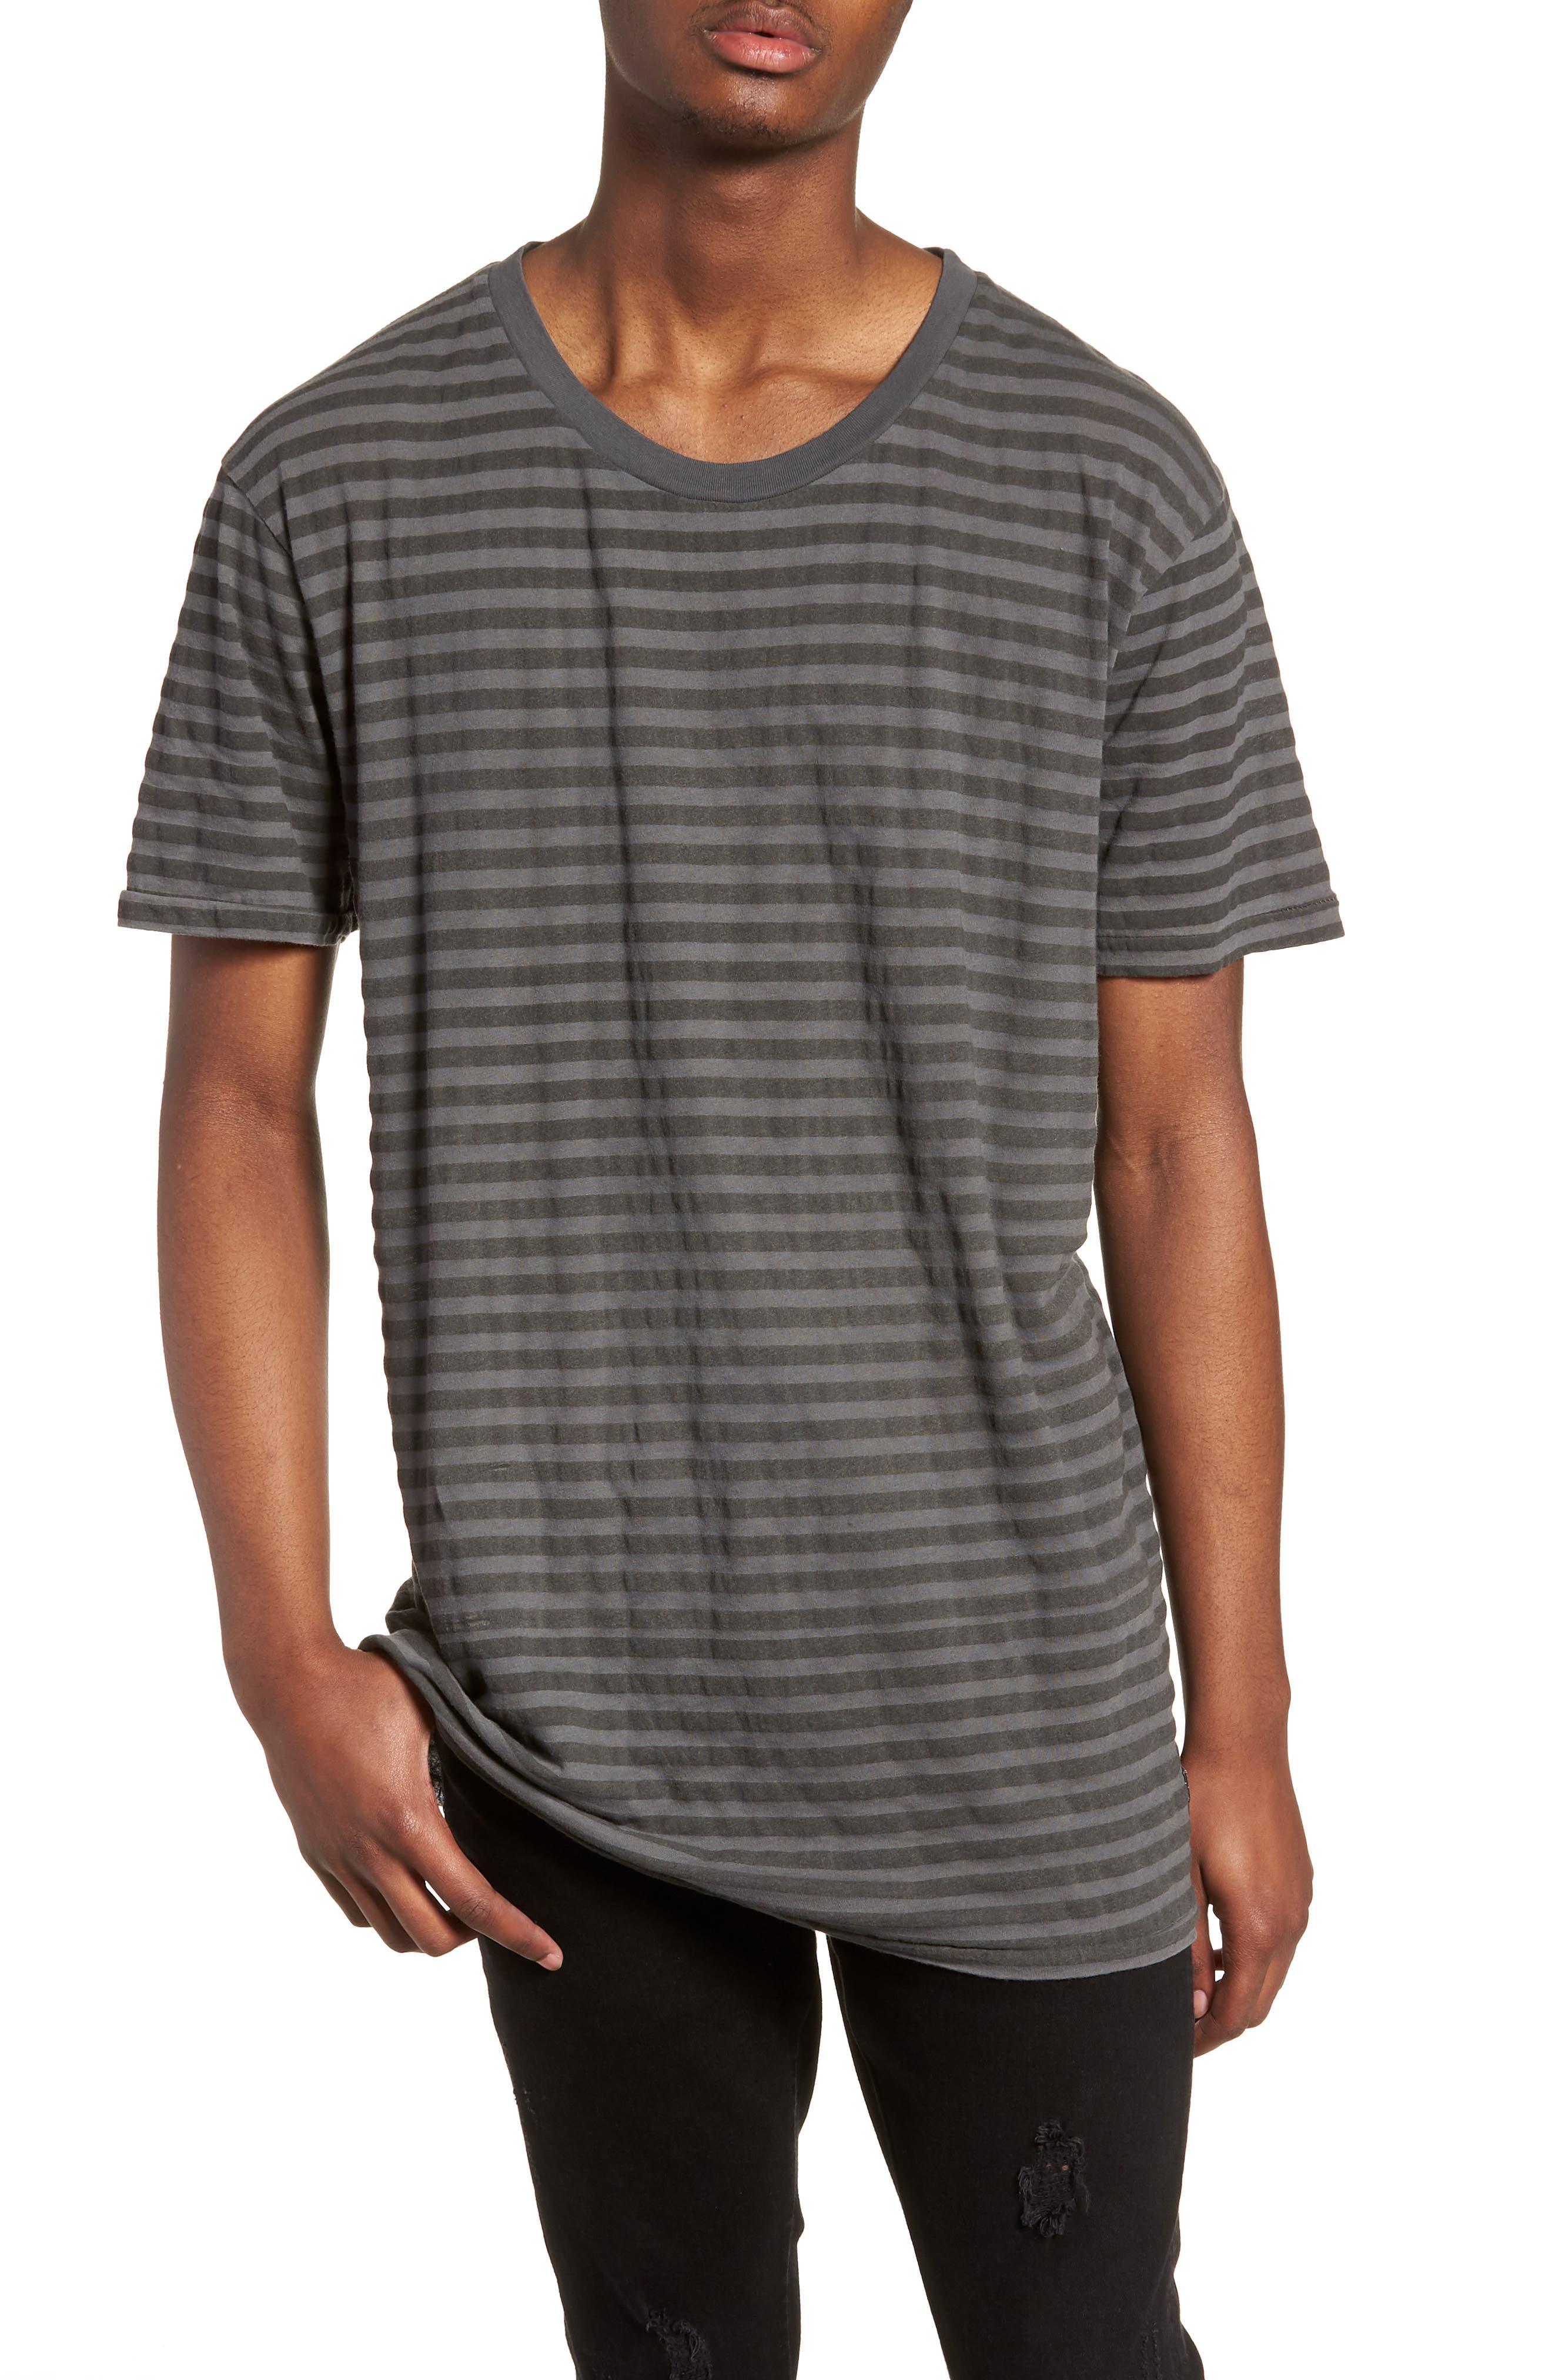 1CM Stripe T-Shirt,                             Main thumbnail 1, color,                             KHAKI/ BLACK STRIPE